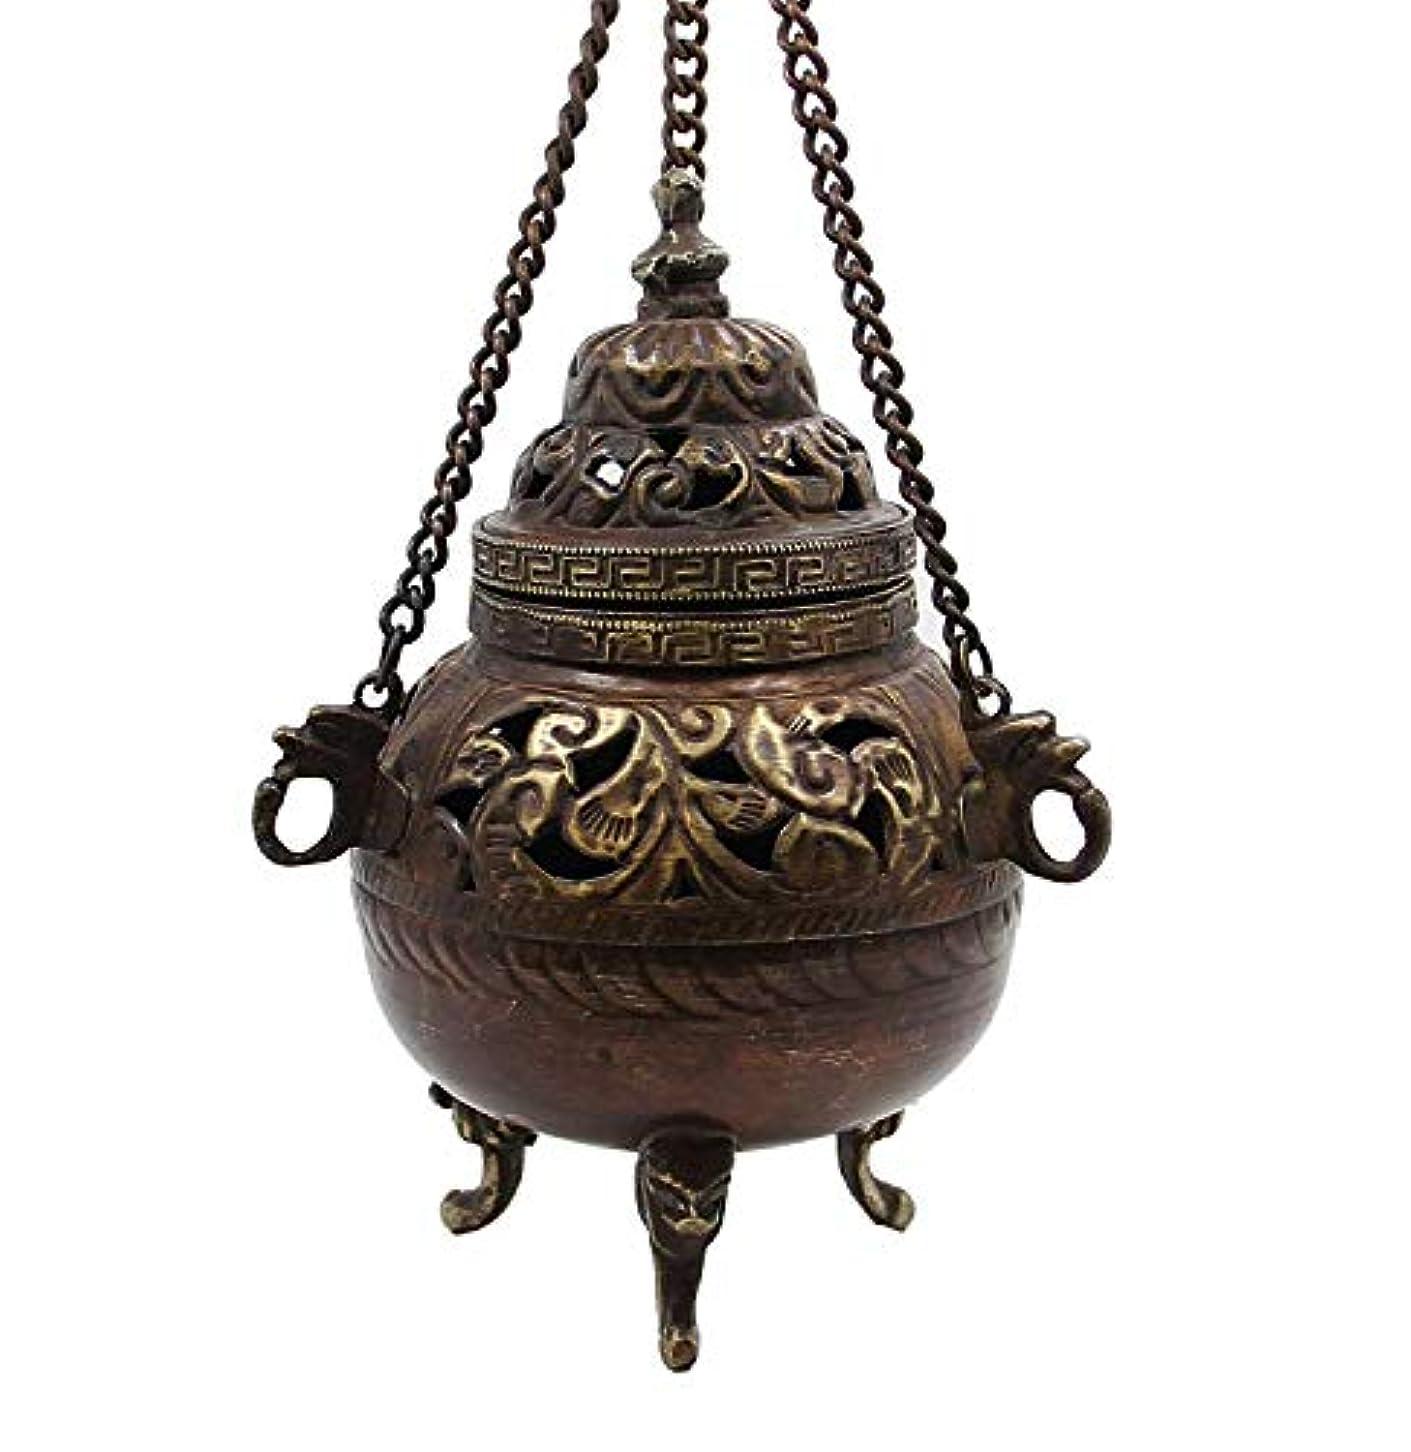 それに応じて治安判事羽チベット従来DharmaObjects Hanging香炉銅5 cm高